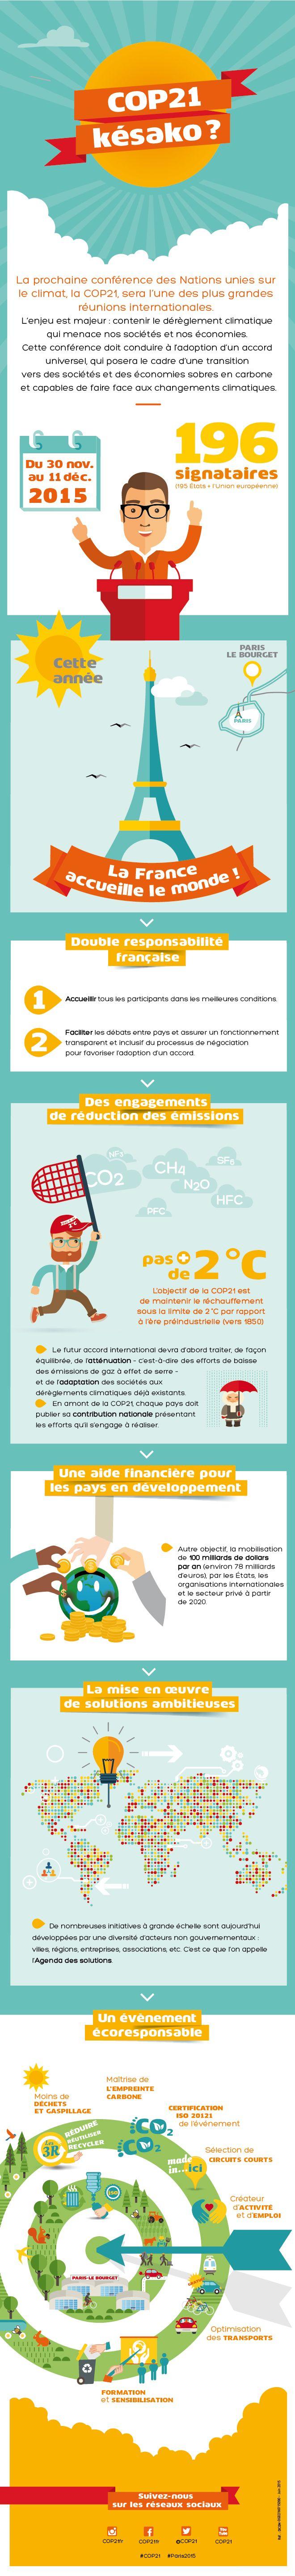 Infographie | COP21 - Conférence des Nations unies sur les changements climatiques